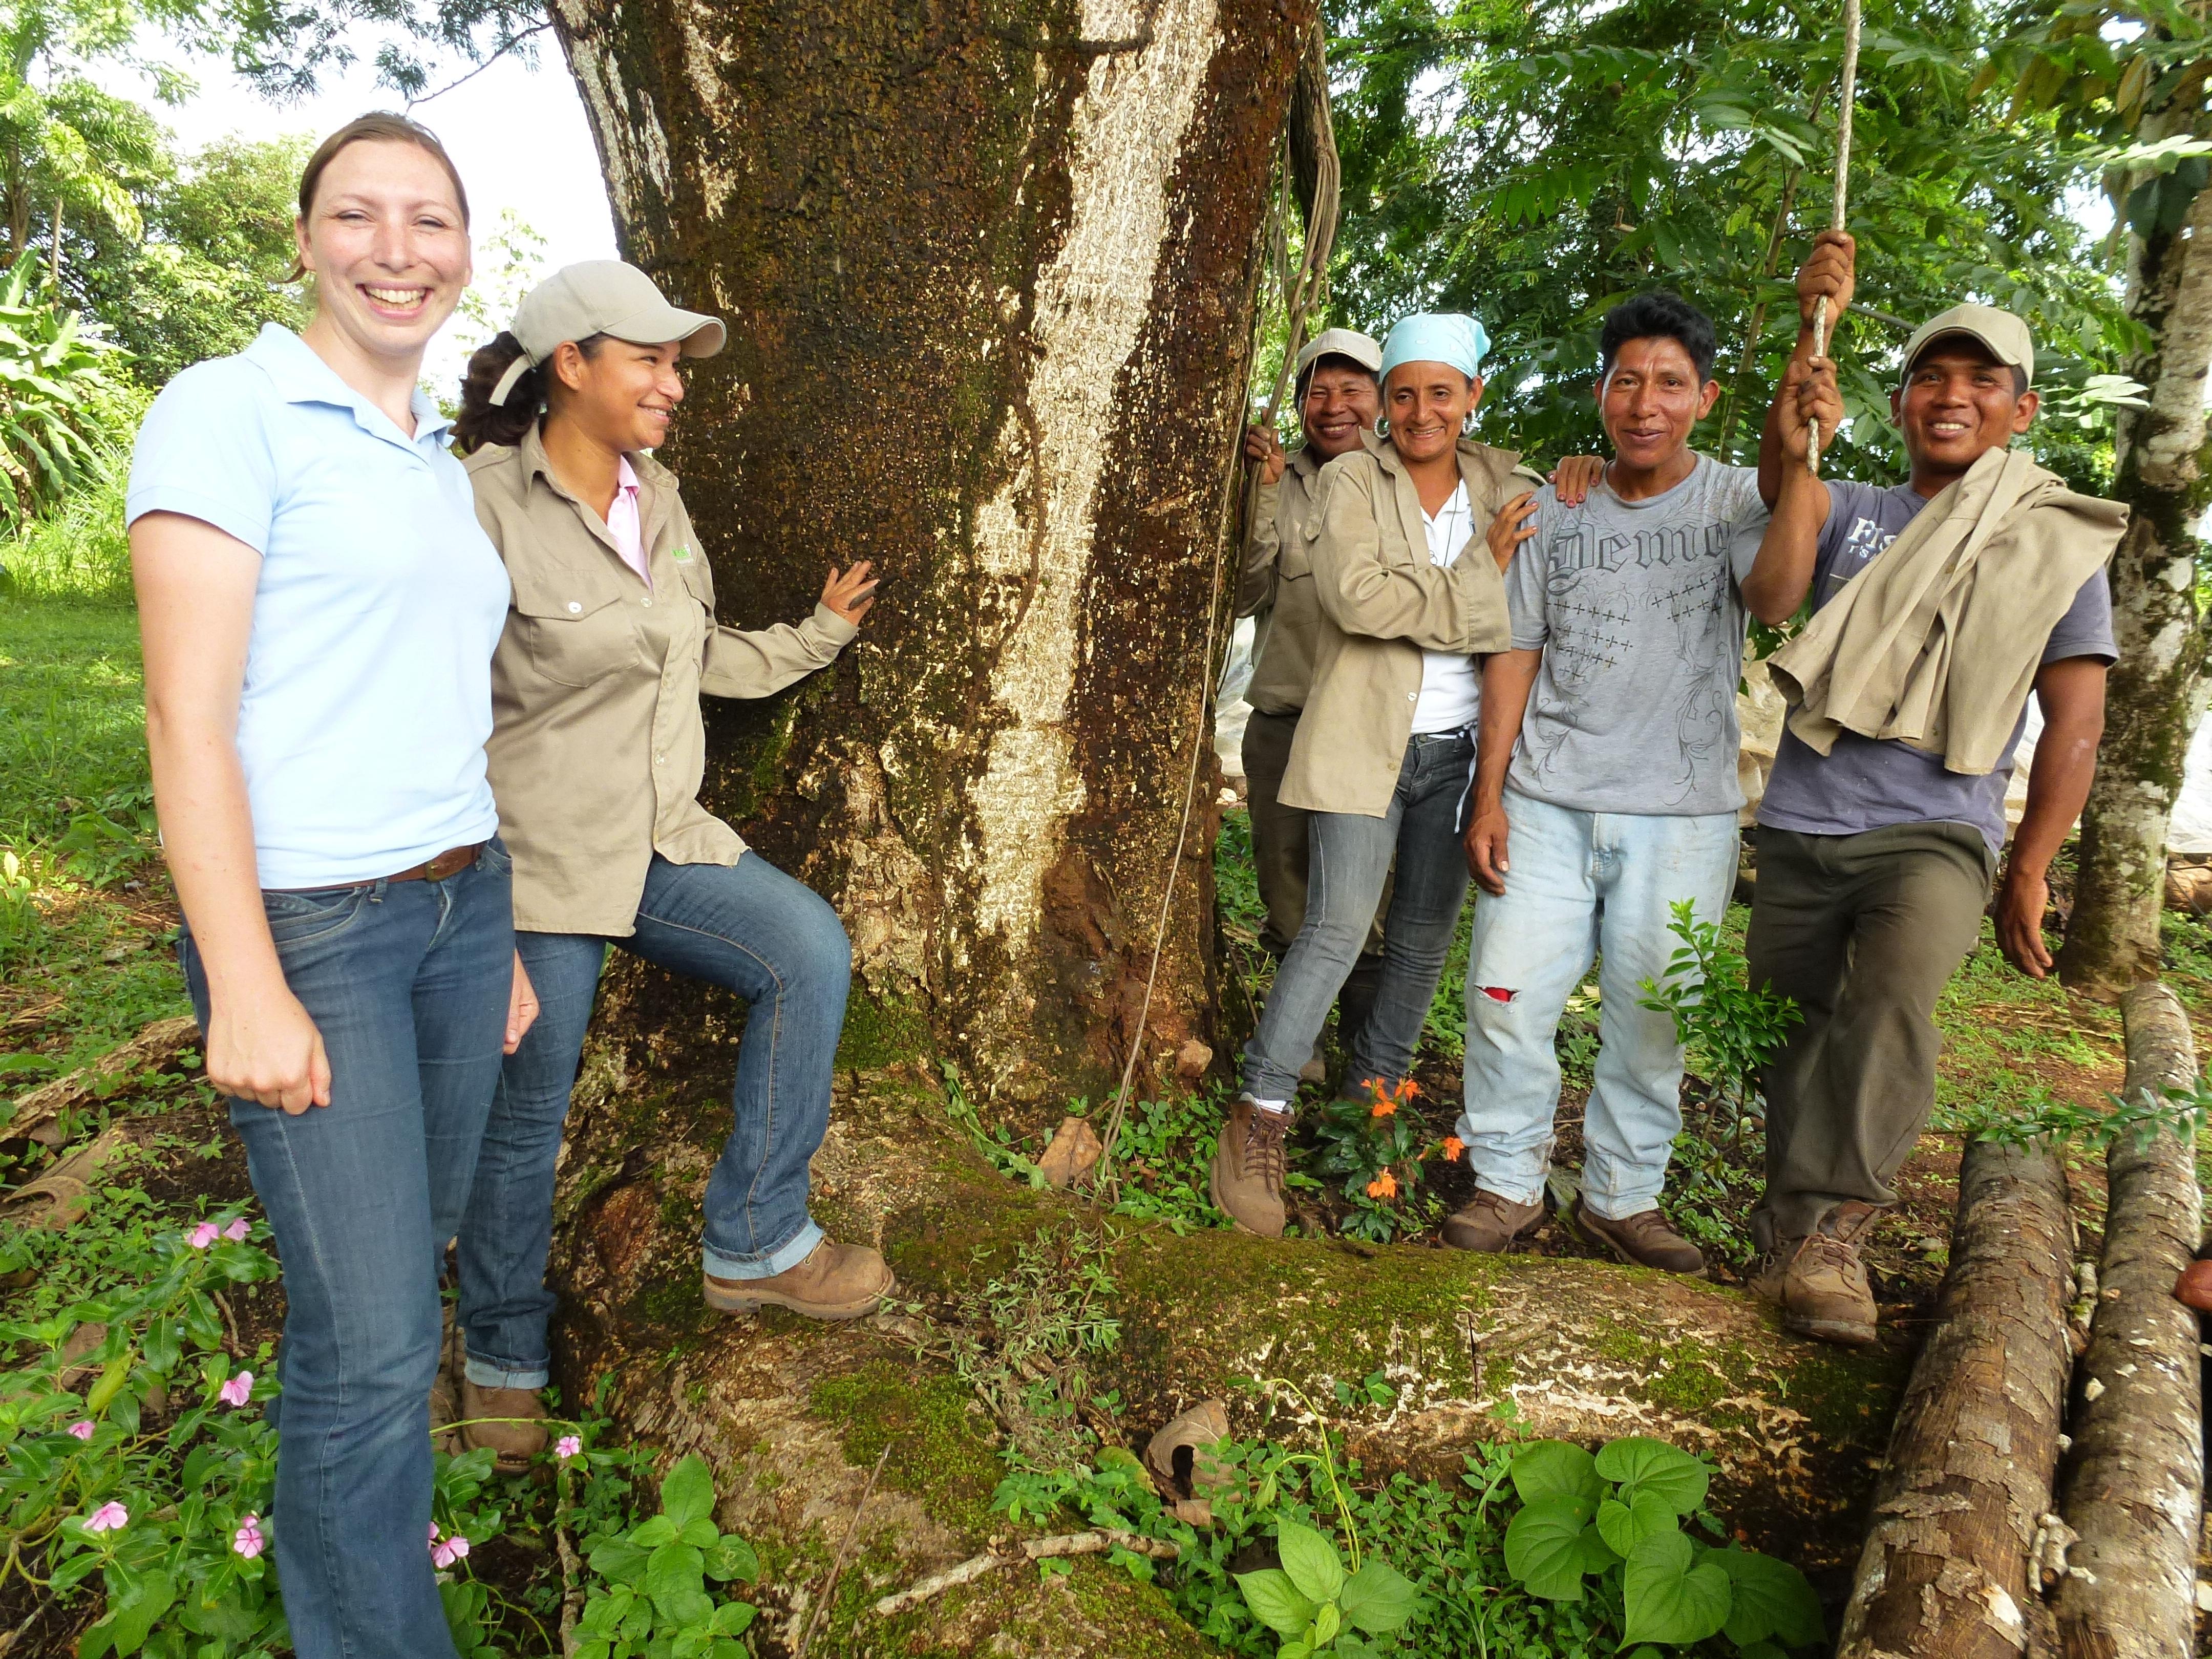 Carola Paul mit ForestFinance-Mitarbeiter*innen, die sie bei ihrer Arbeit unterstützten. Foto: ForestFinance/Silke Berger